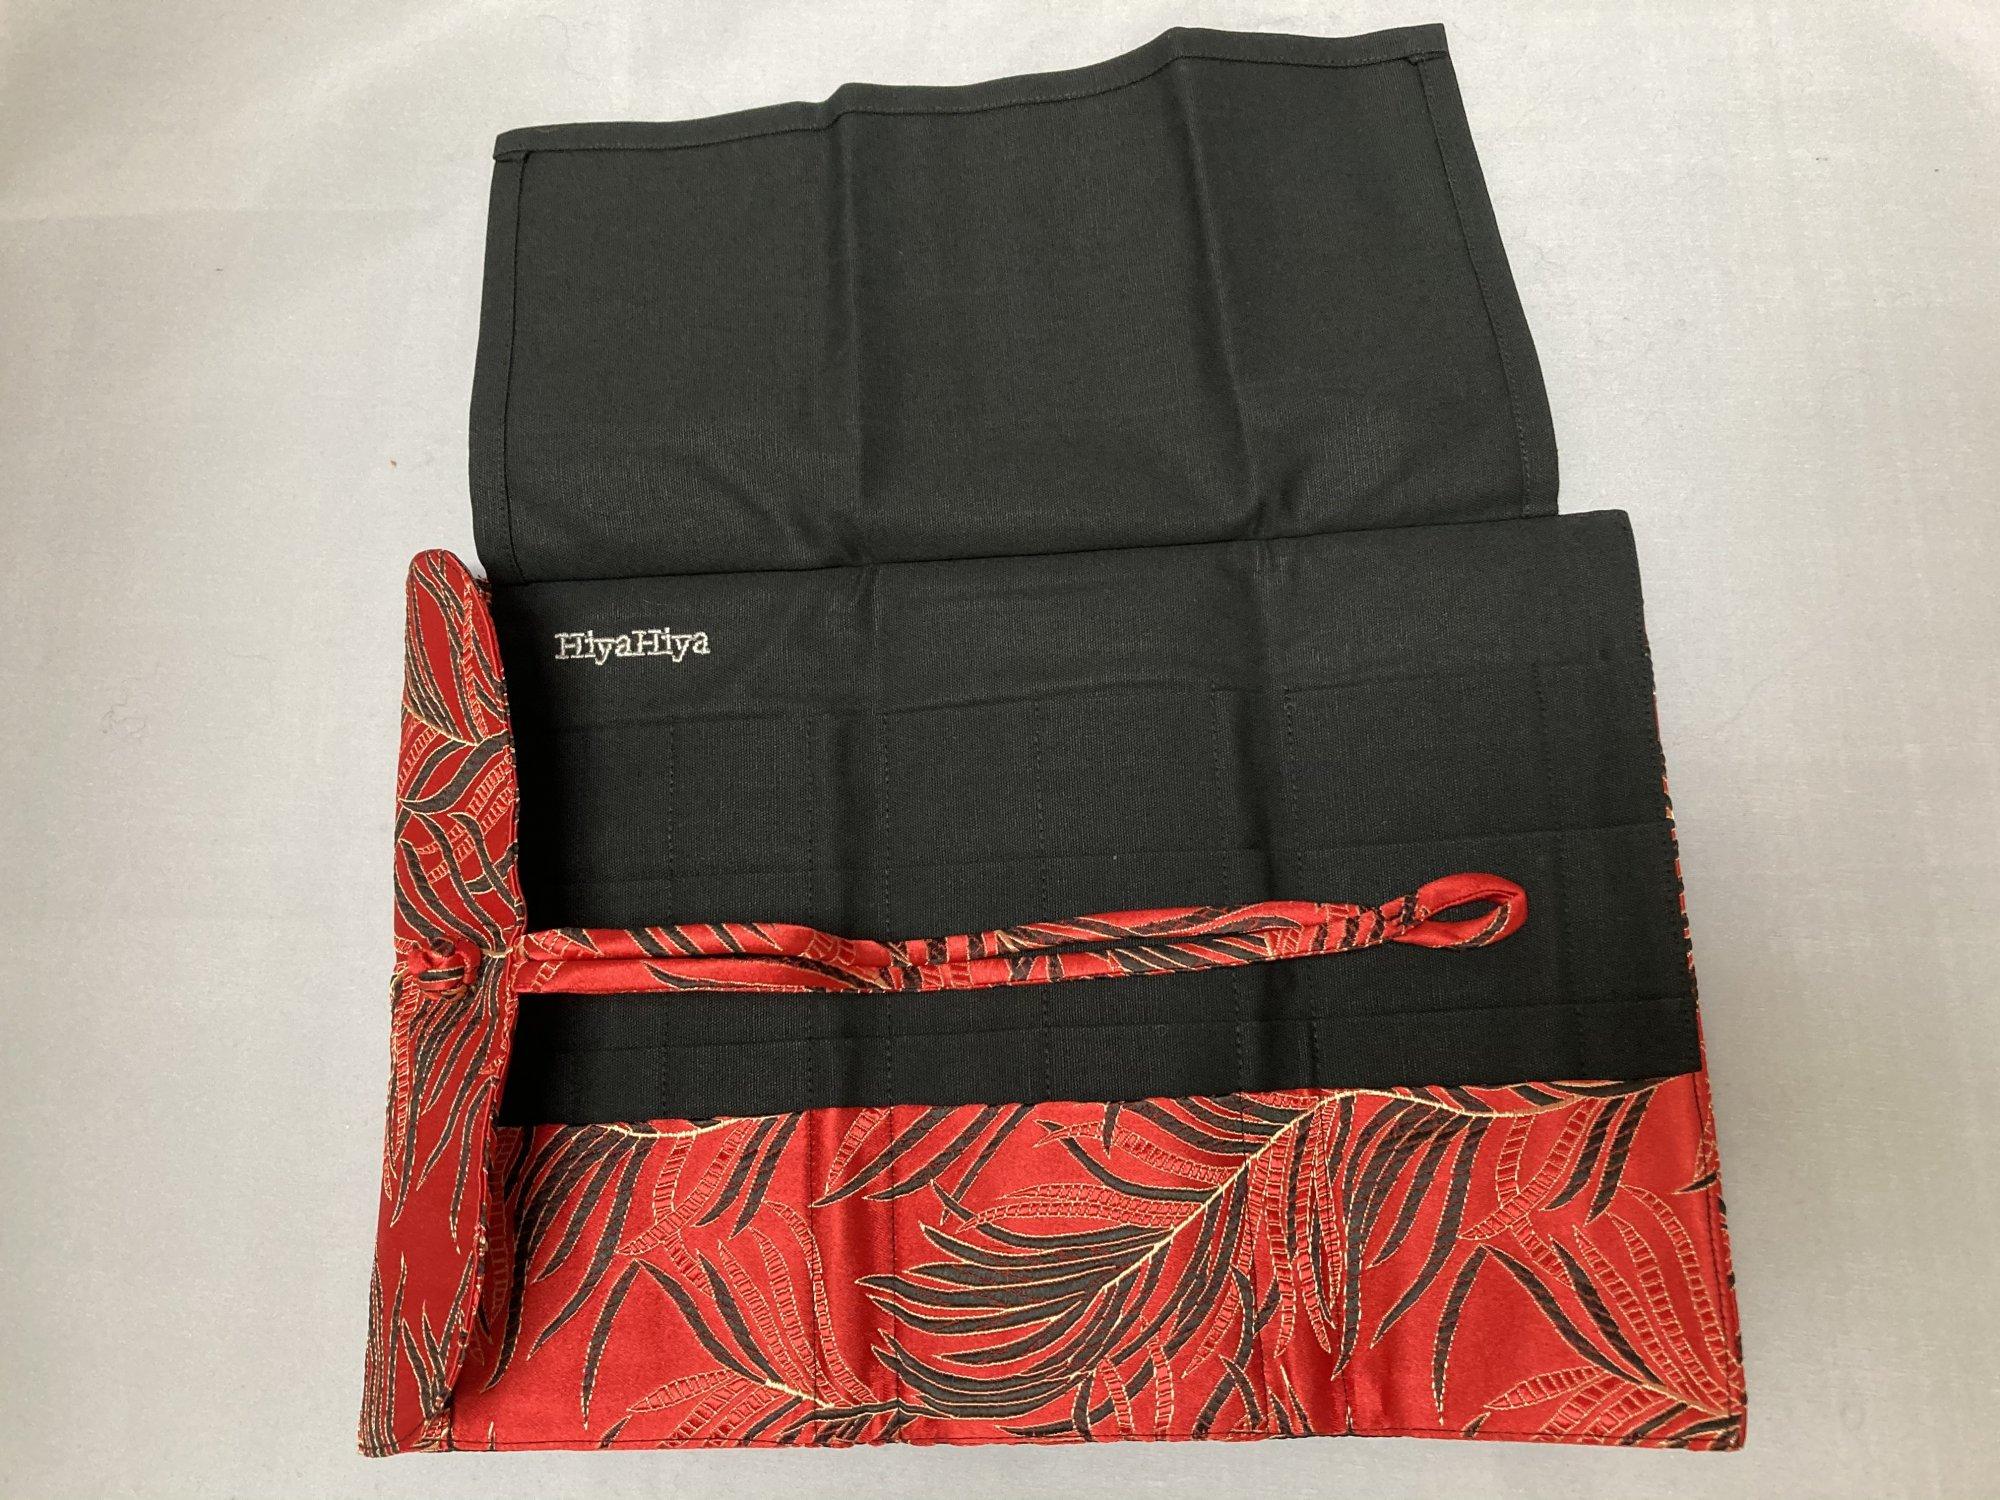 HiyaHiya Double Pointed Needle Case